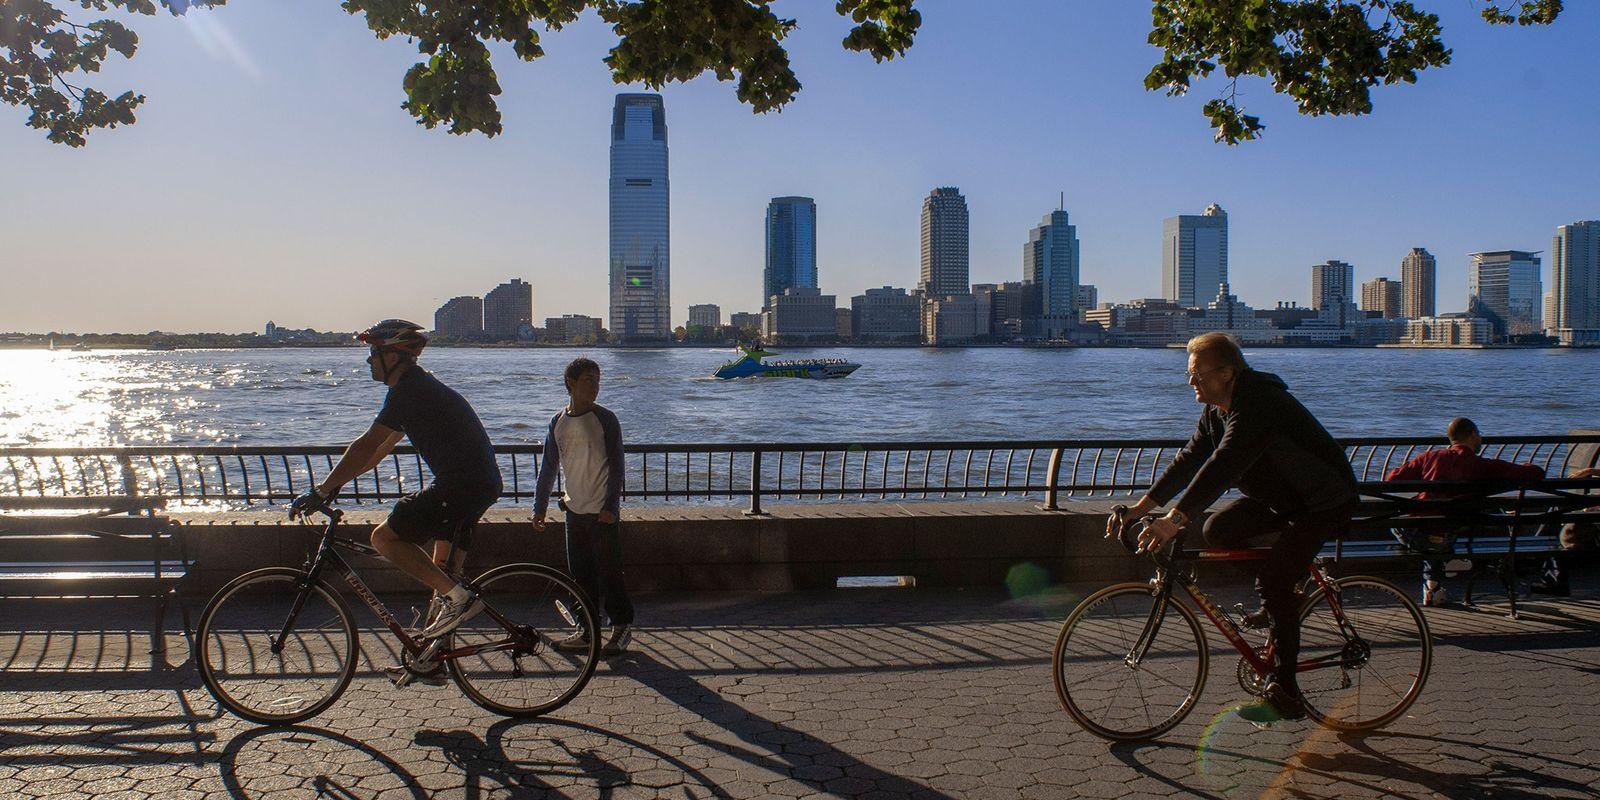 Turismo en bicicleta: la mejor manera de conocer una ciudad y no contaminar el planeta